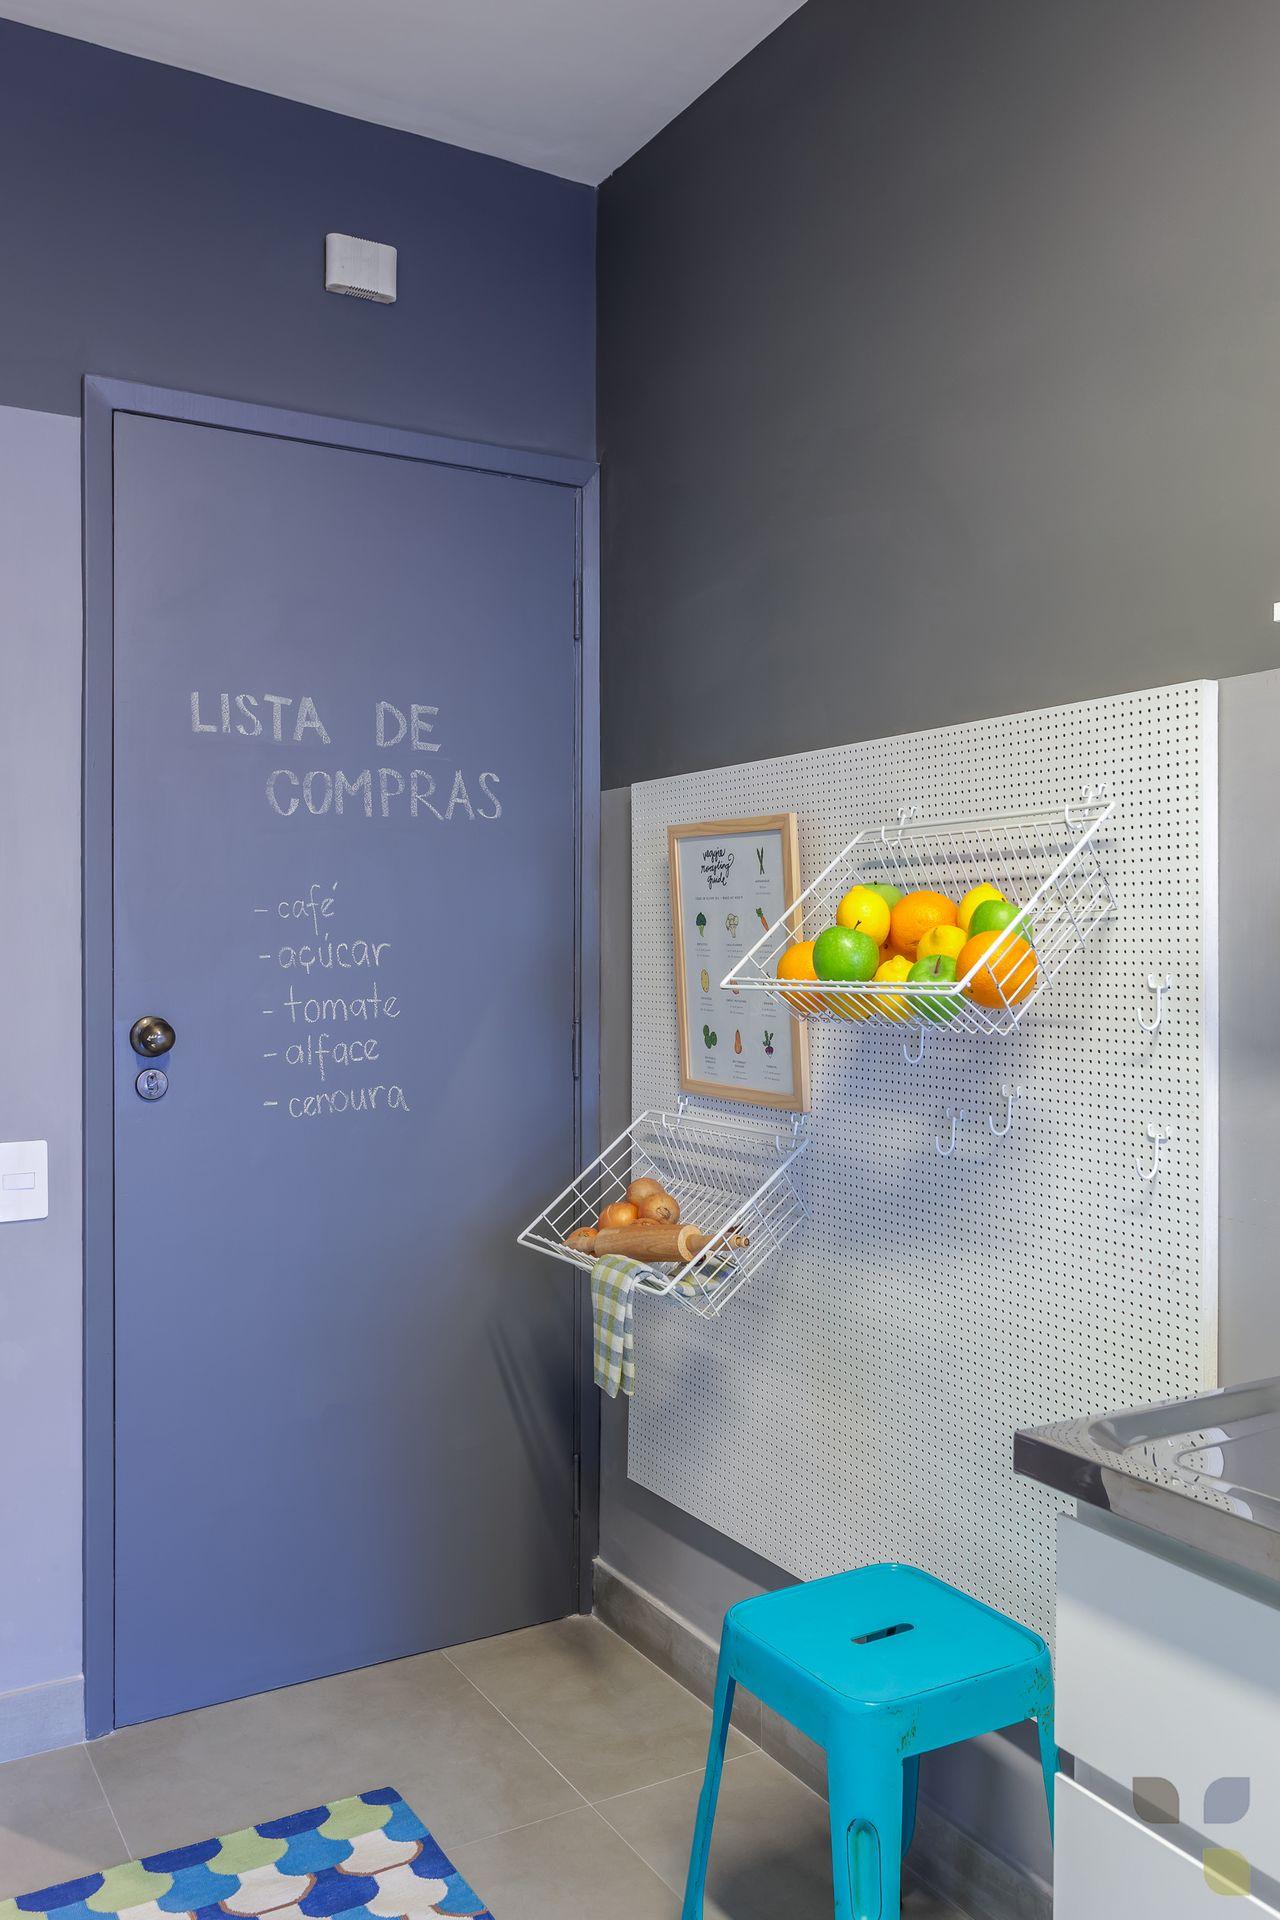 Cozinha Pr Tica E Colorida Com Fruteira De Carol Tasiro 137803 No